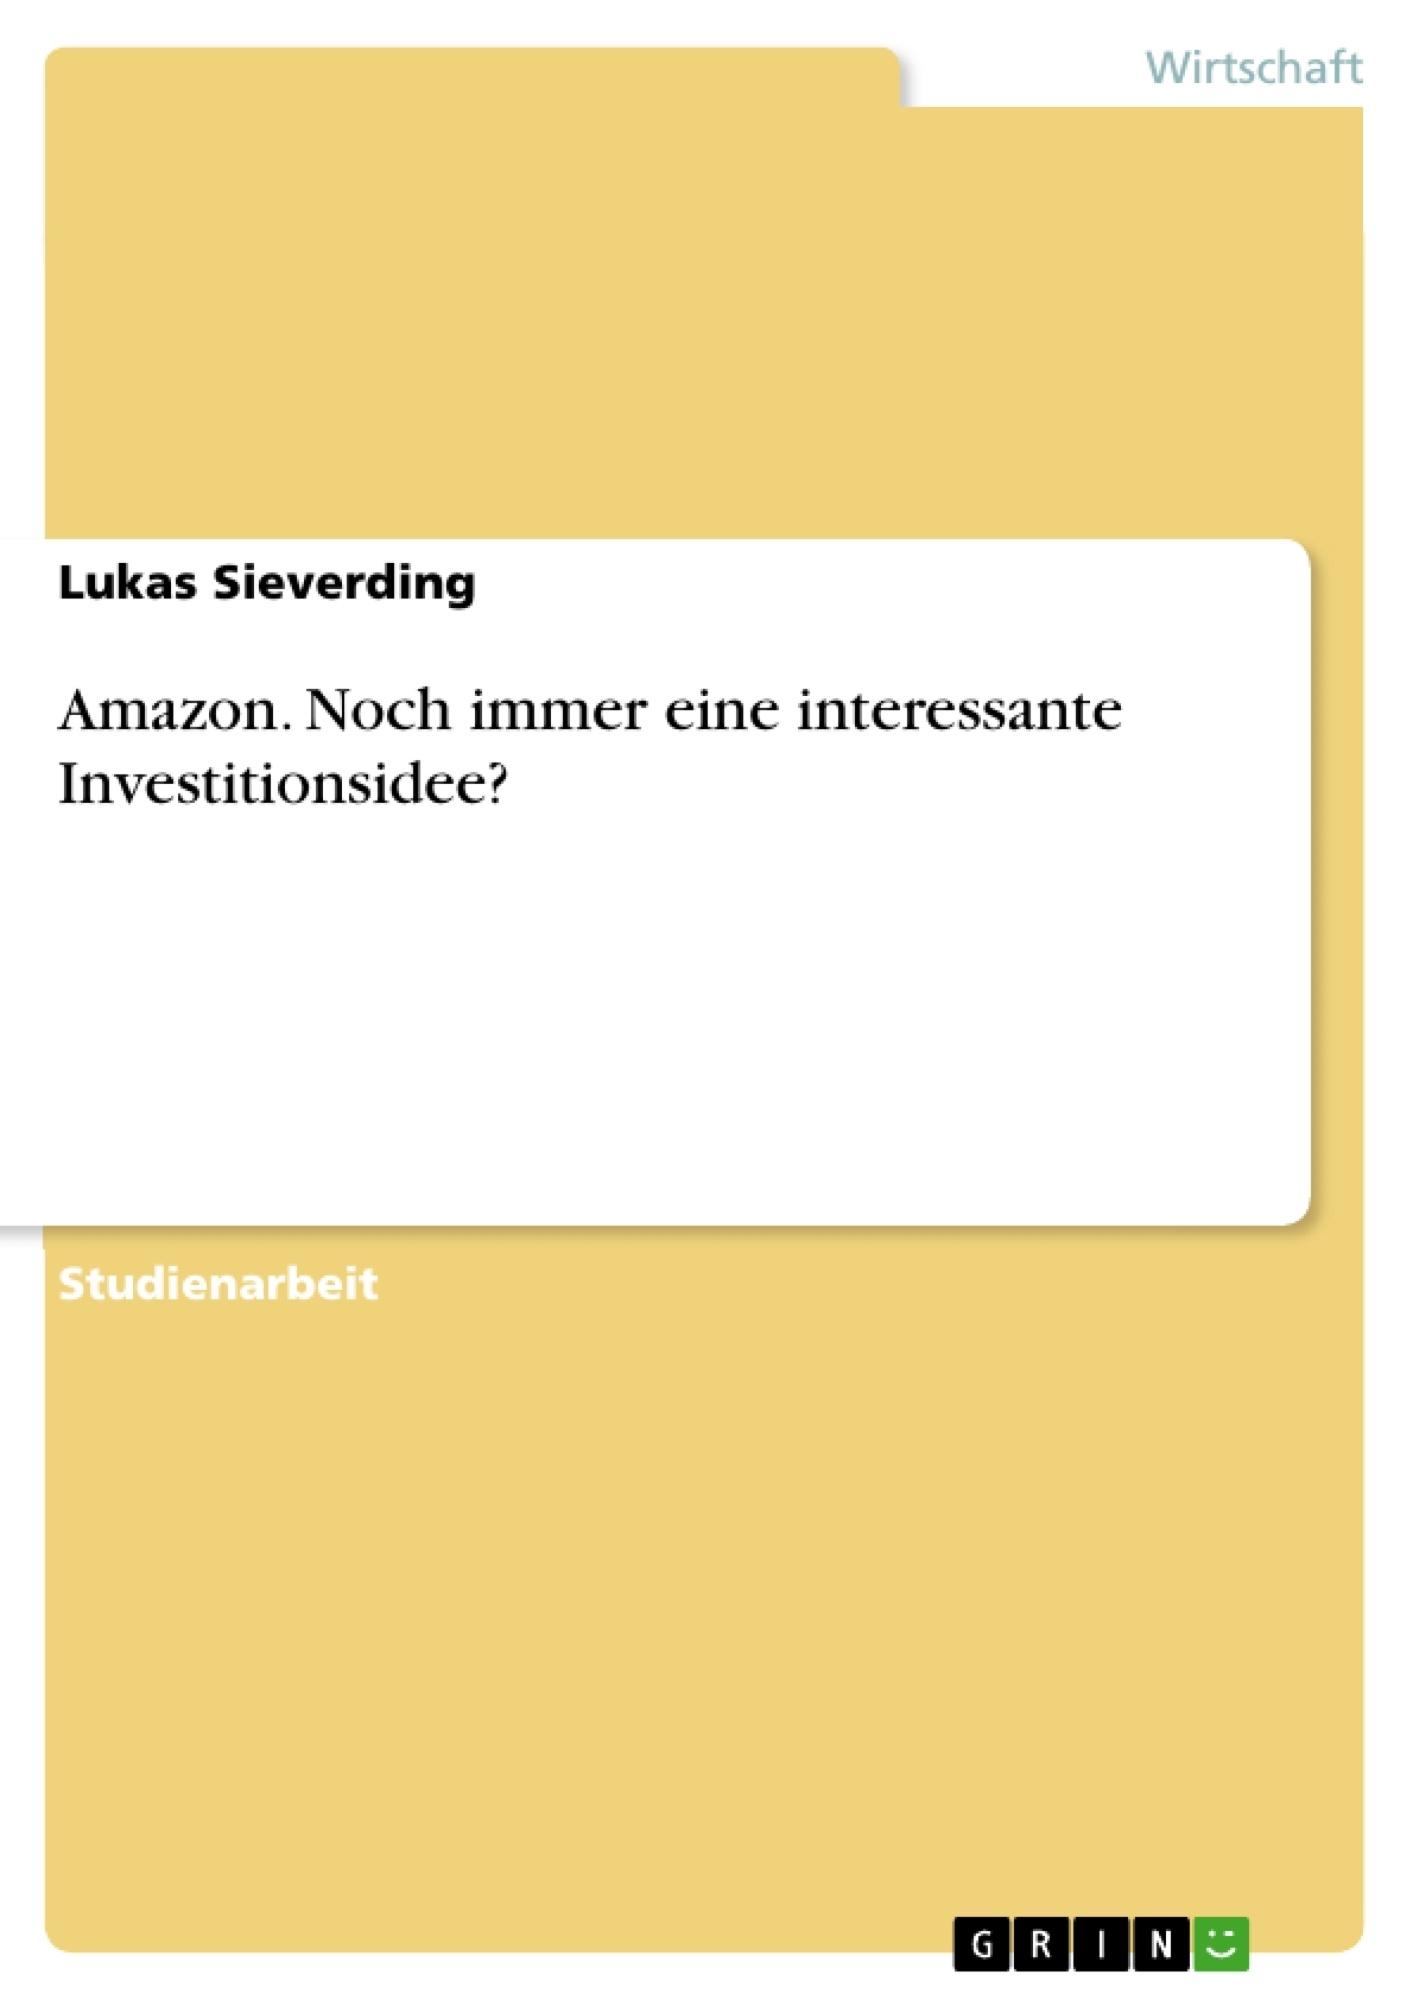 Titel: Amazon. Noch immer eine interessante Investitionsidee?